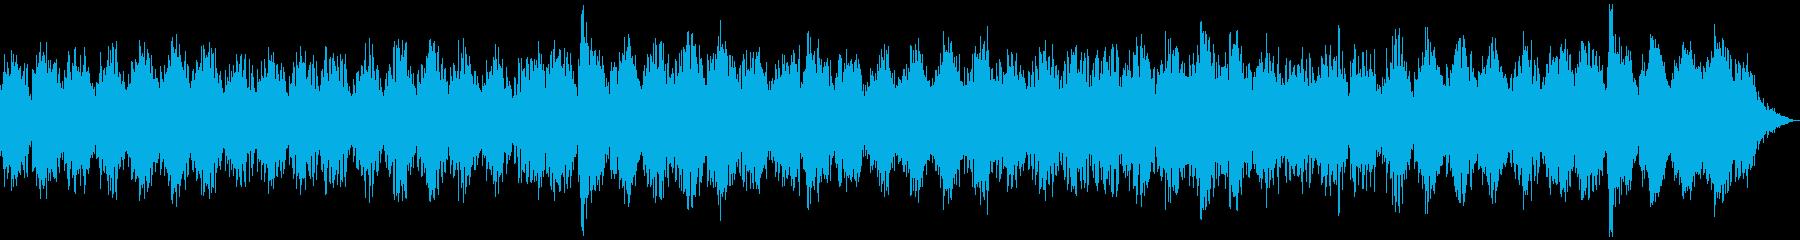 瞑想やヨガ、睡眠誘導のための音楽 02の再生済みの波形